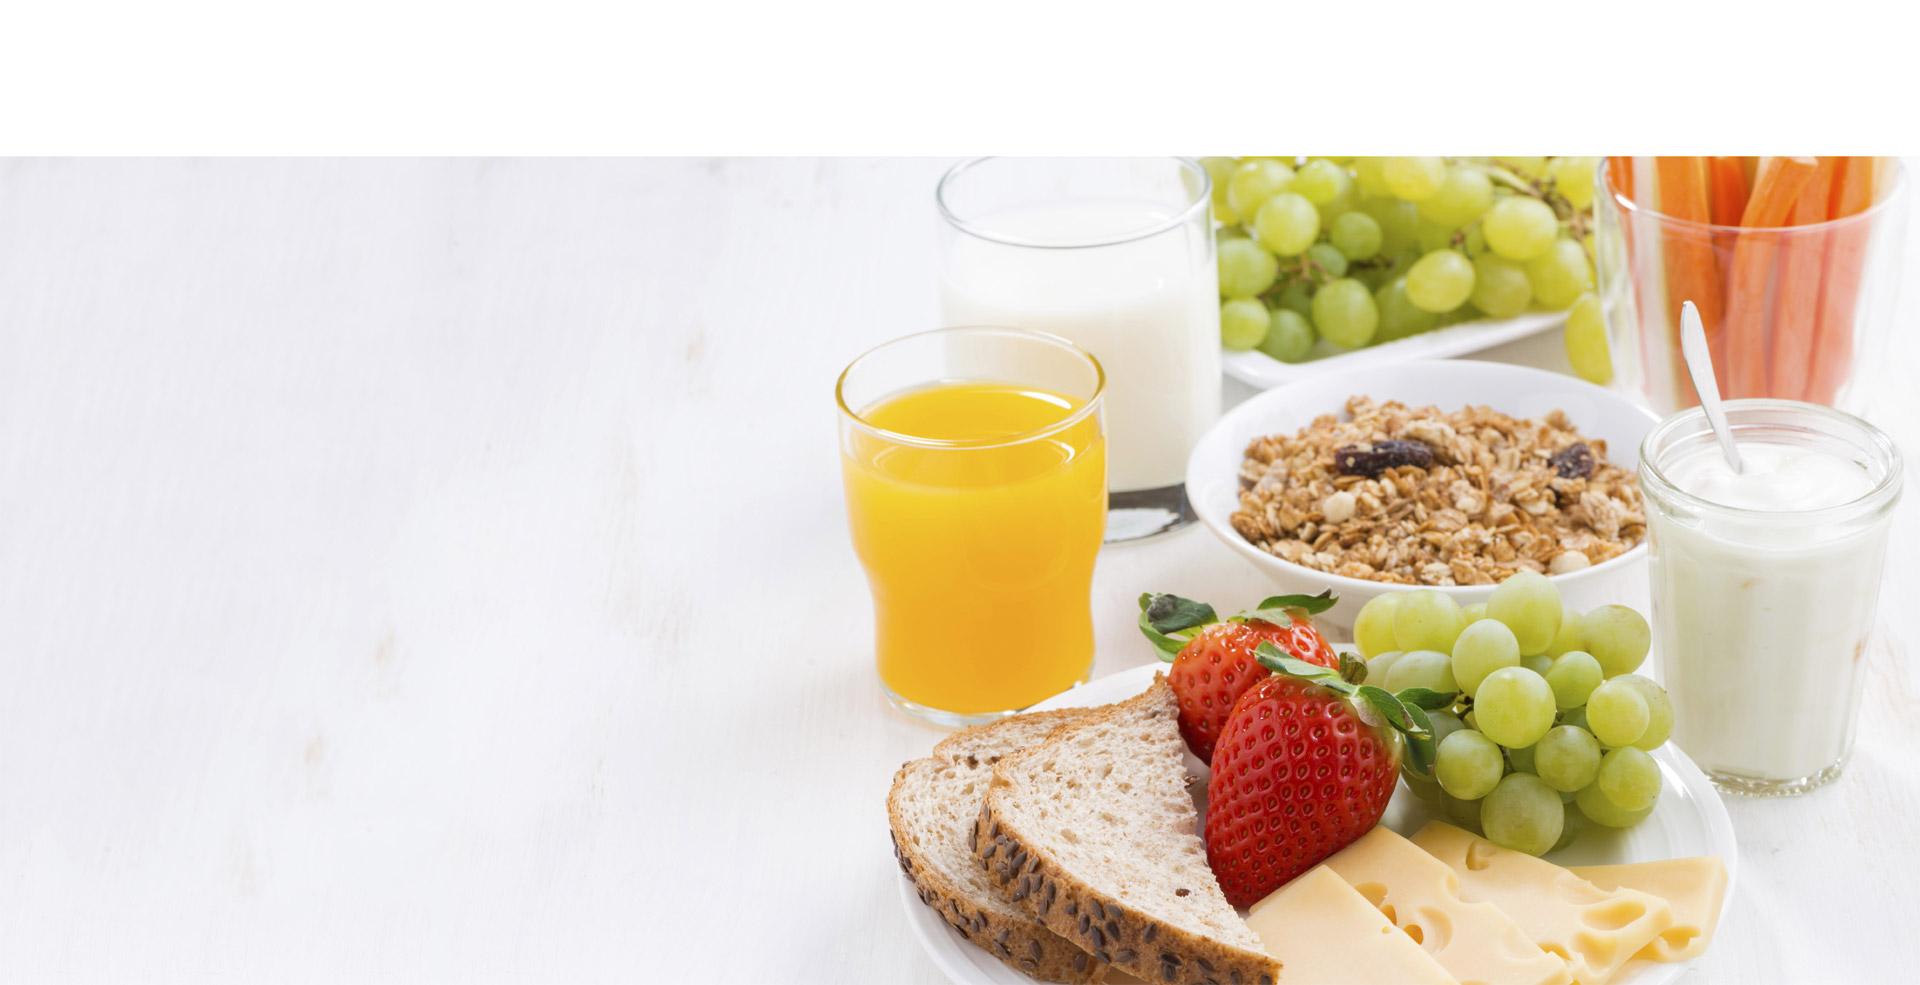 Una de las dudas más comunes es cómo afecta la primera comida del día al organismo, aquí conocerás en qué incide y qué comer en las mañanas